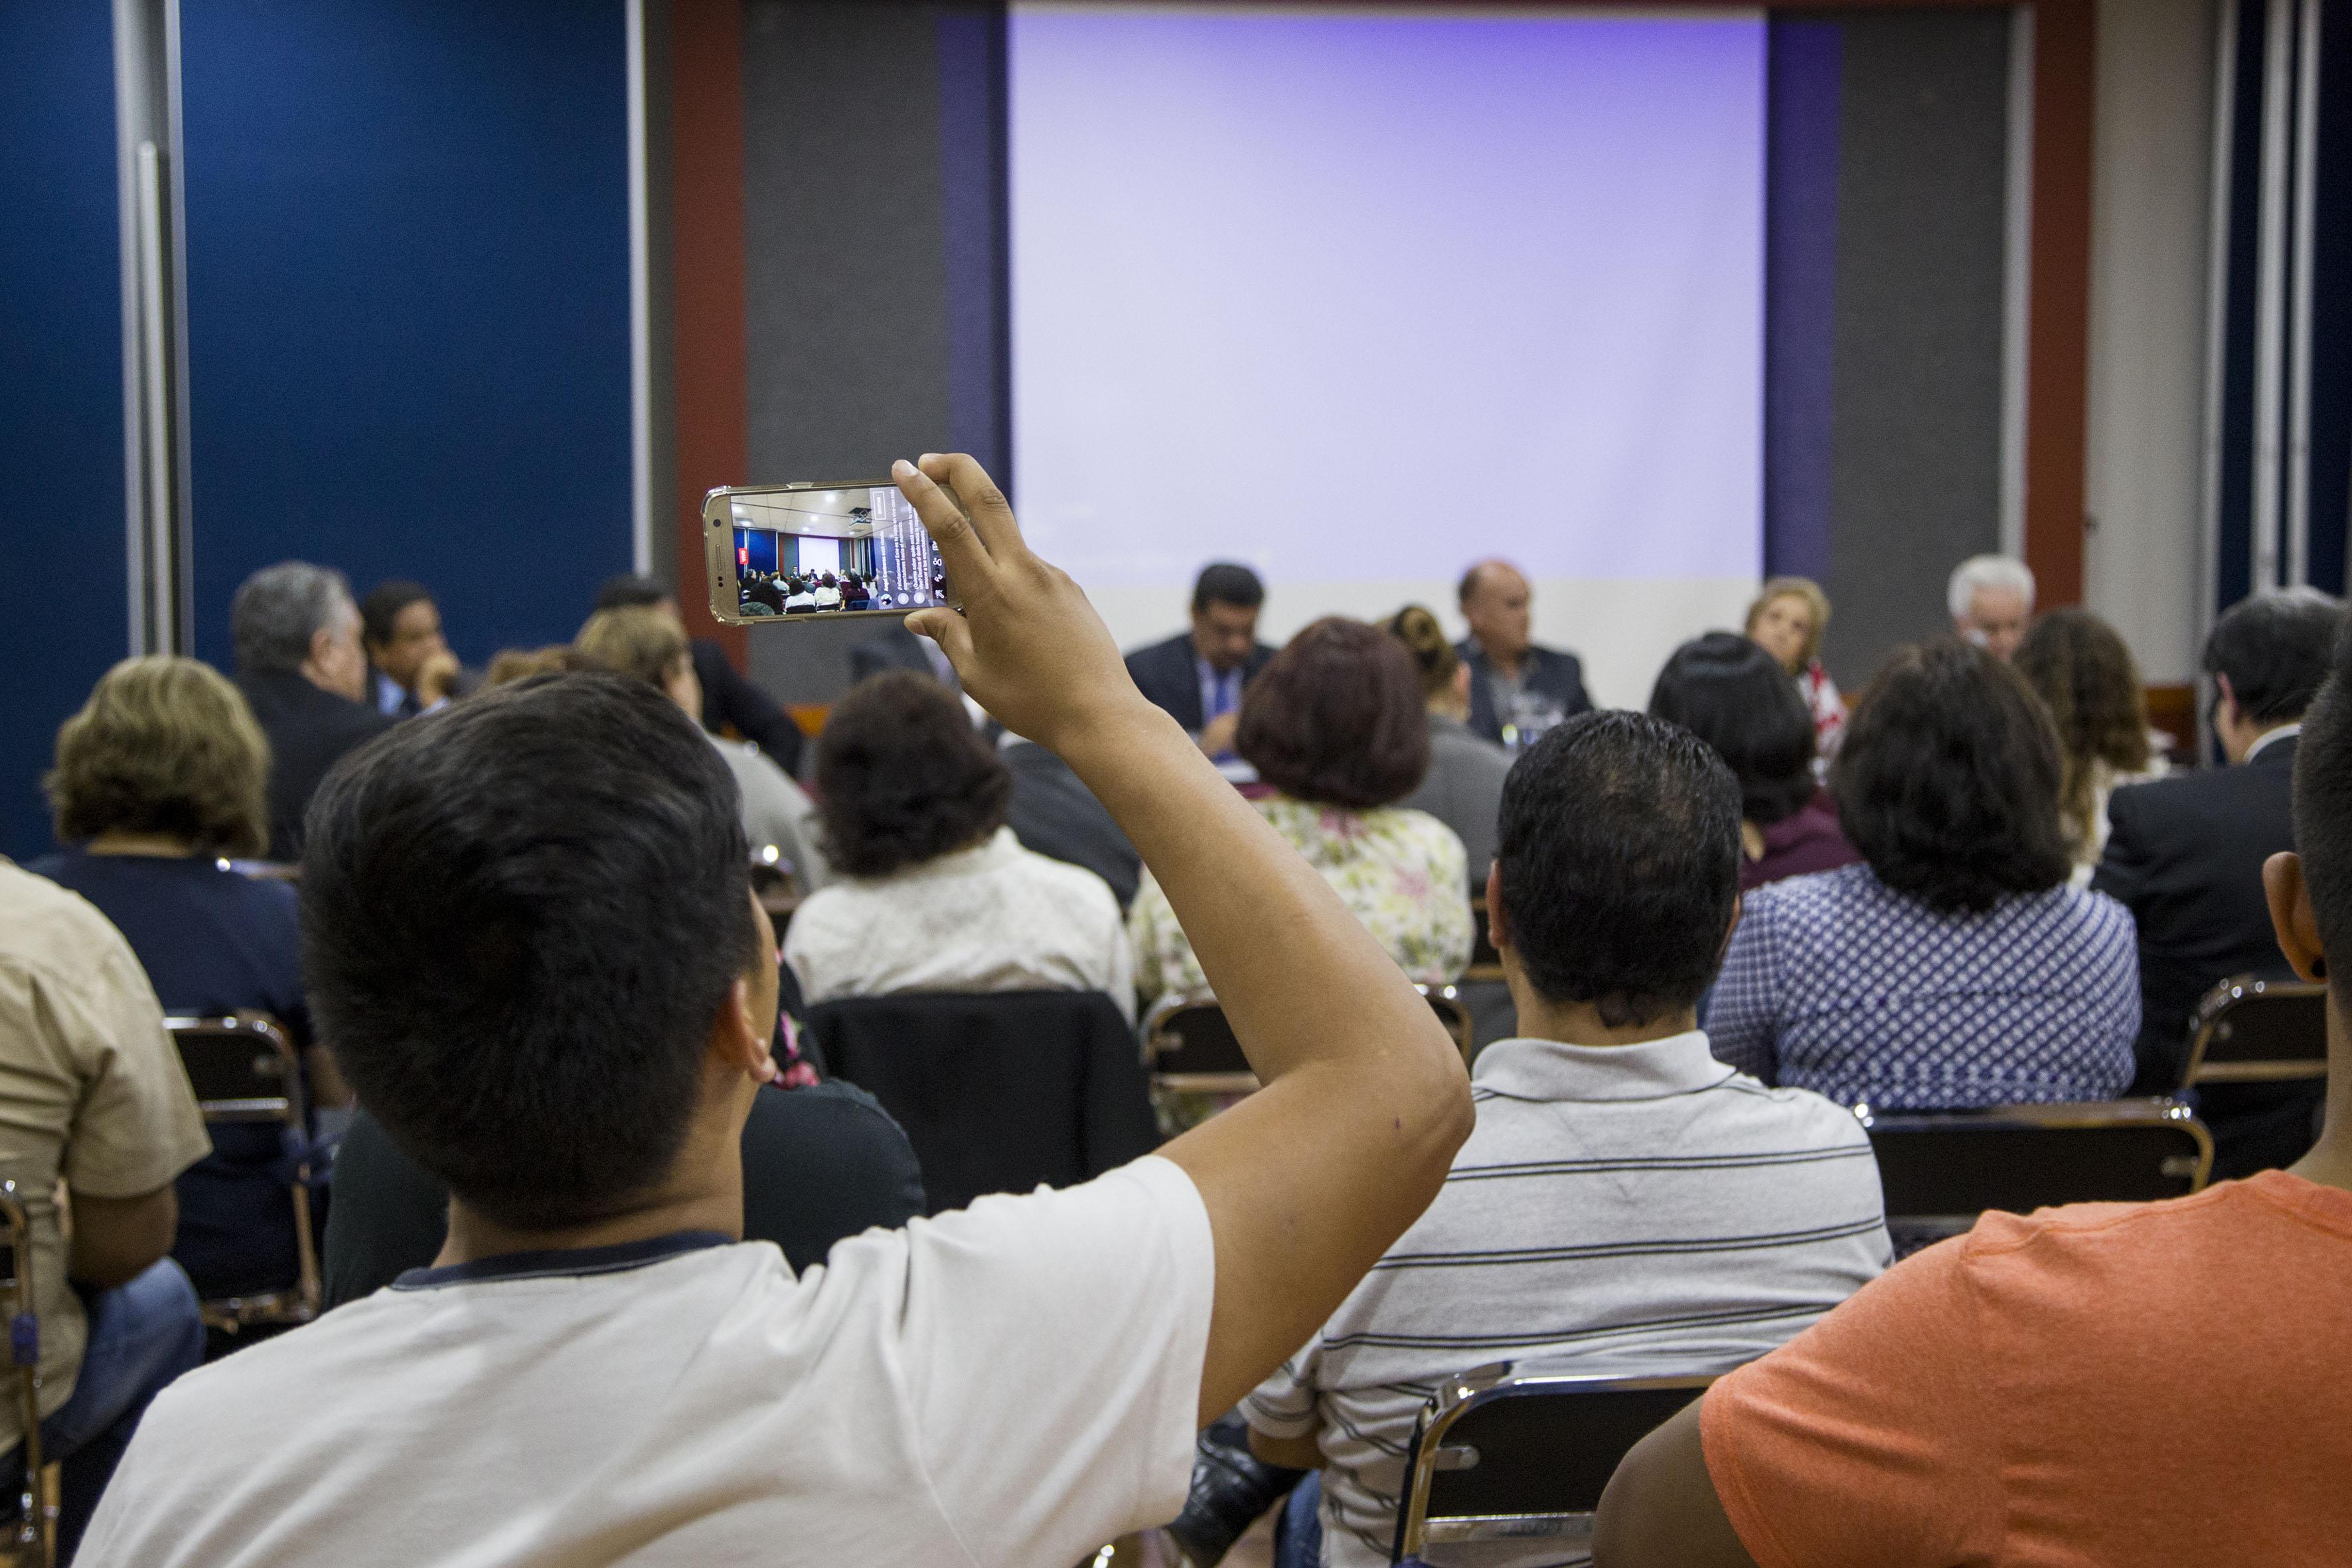 Vista panorámica de los asistentes y panelistas participantes en el evento.